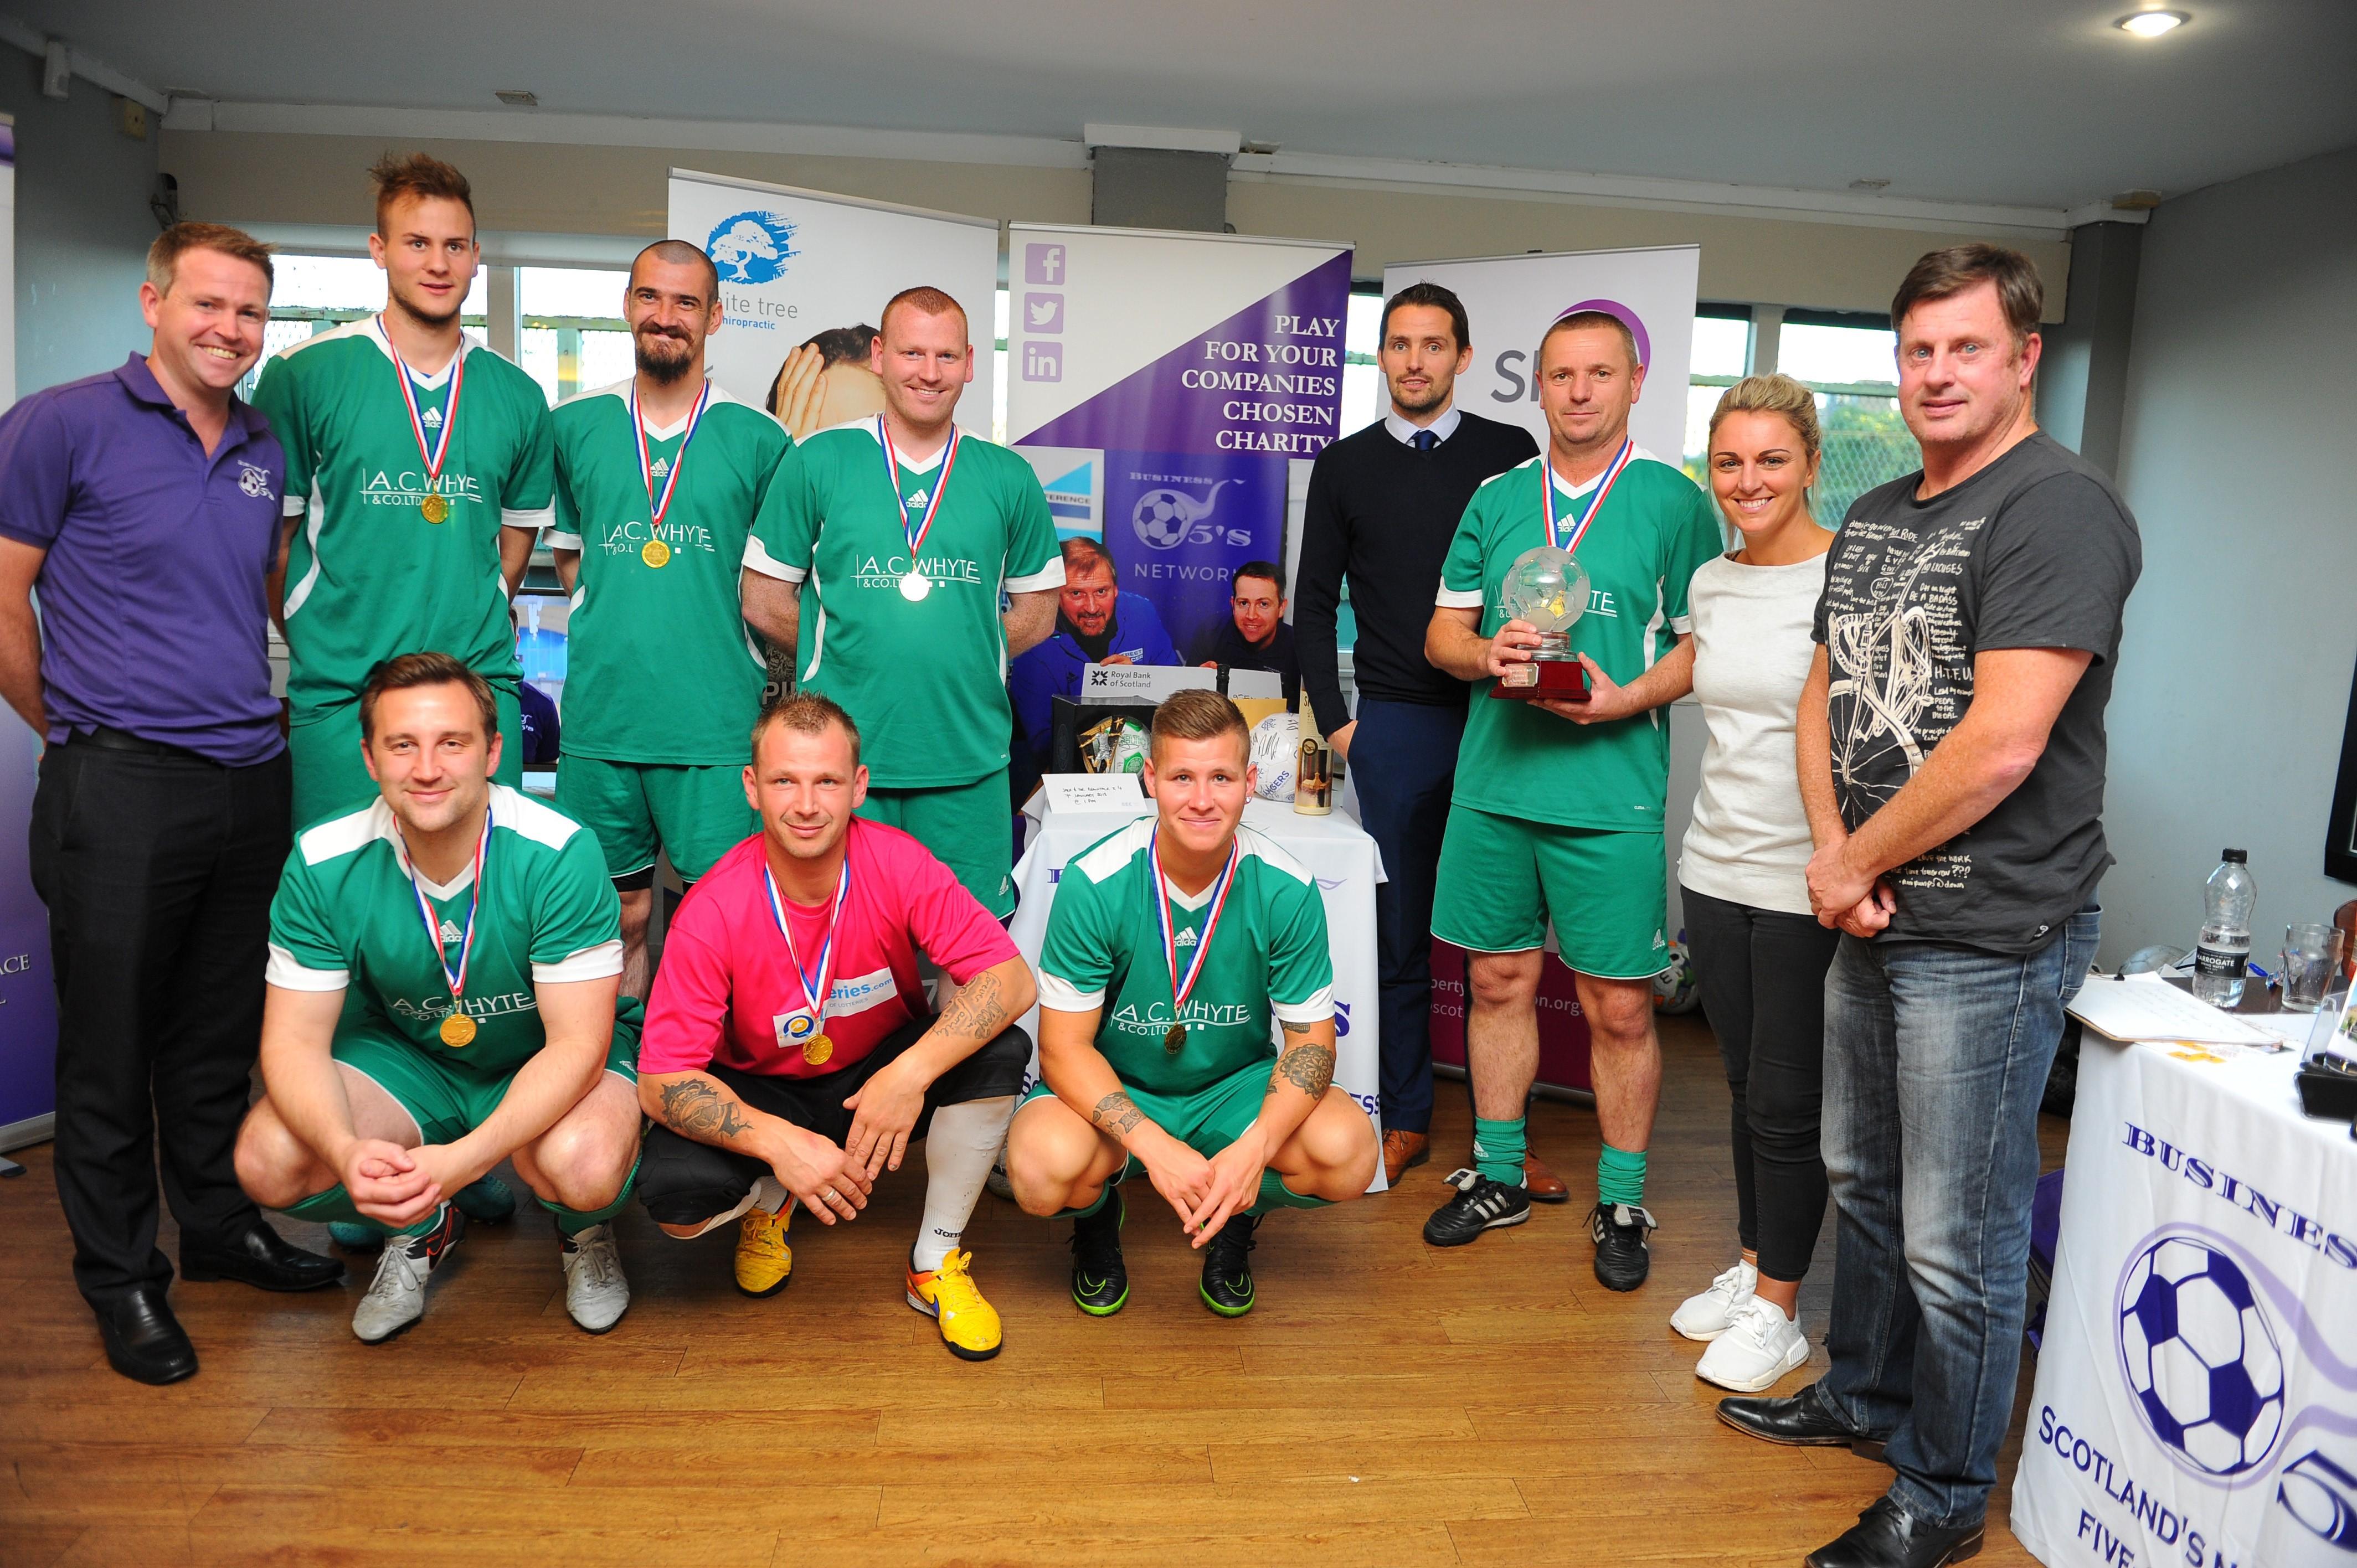 A.C. Whyte & Co. Ltd winners